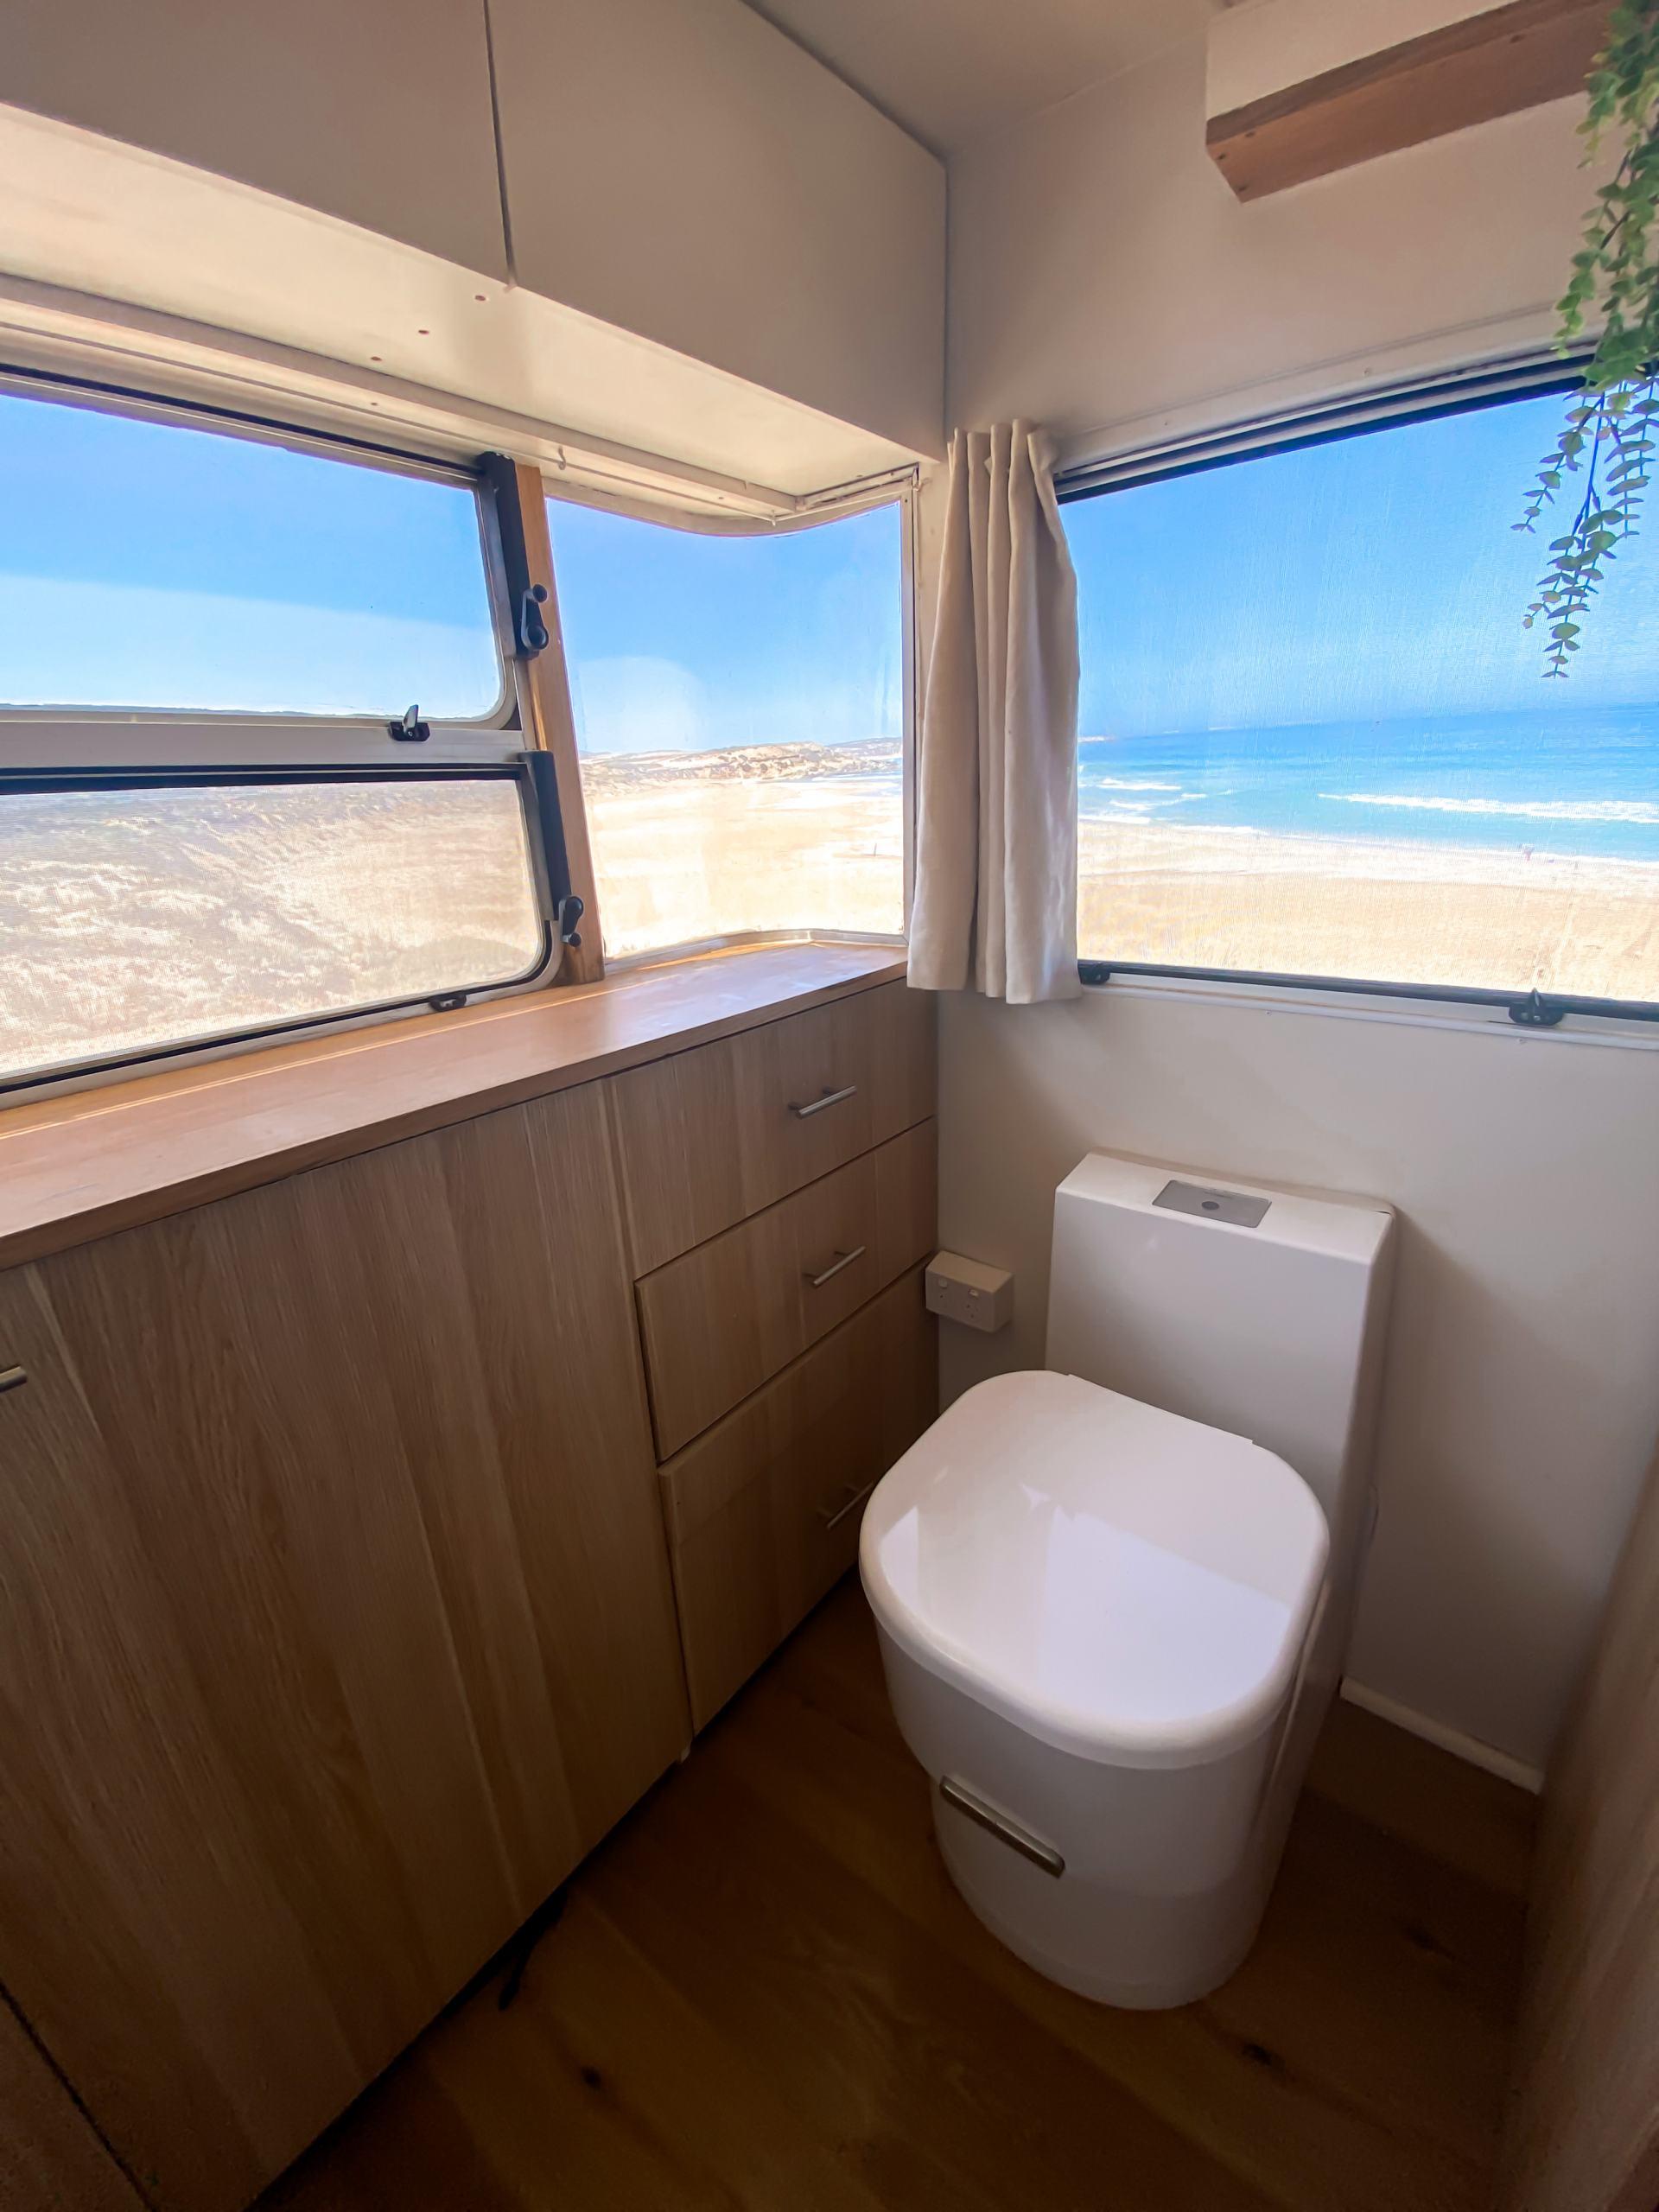 dometic toilet